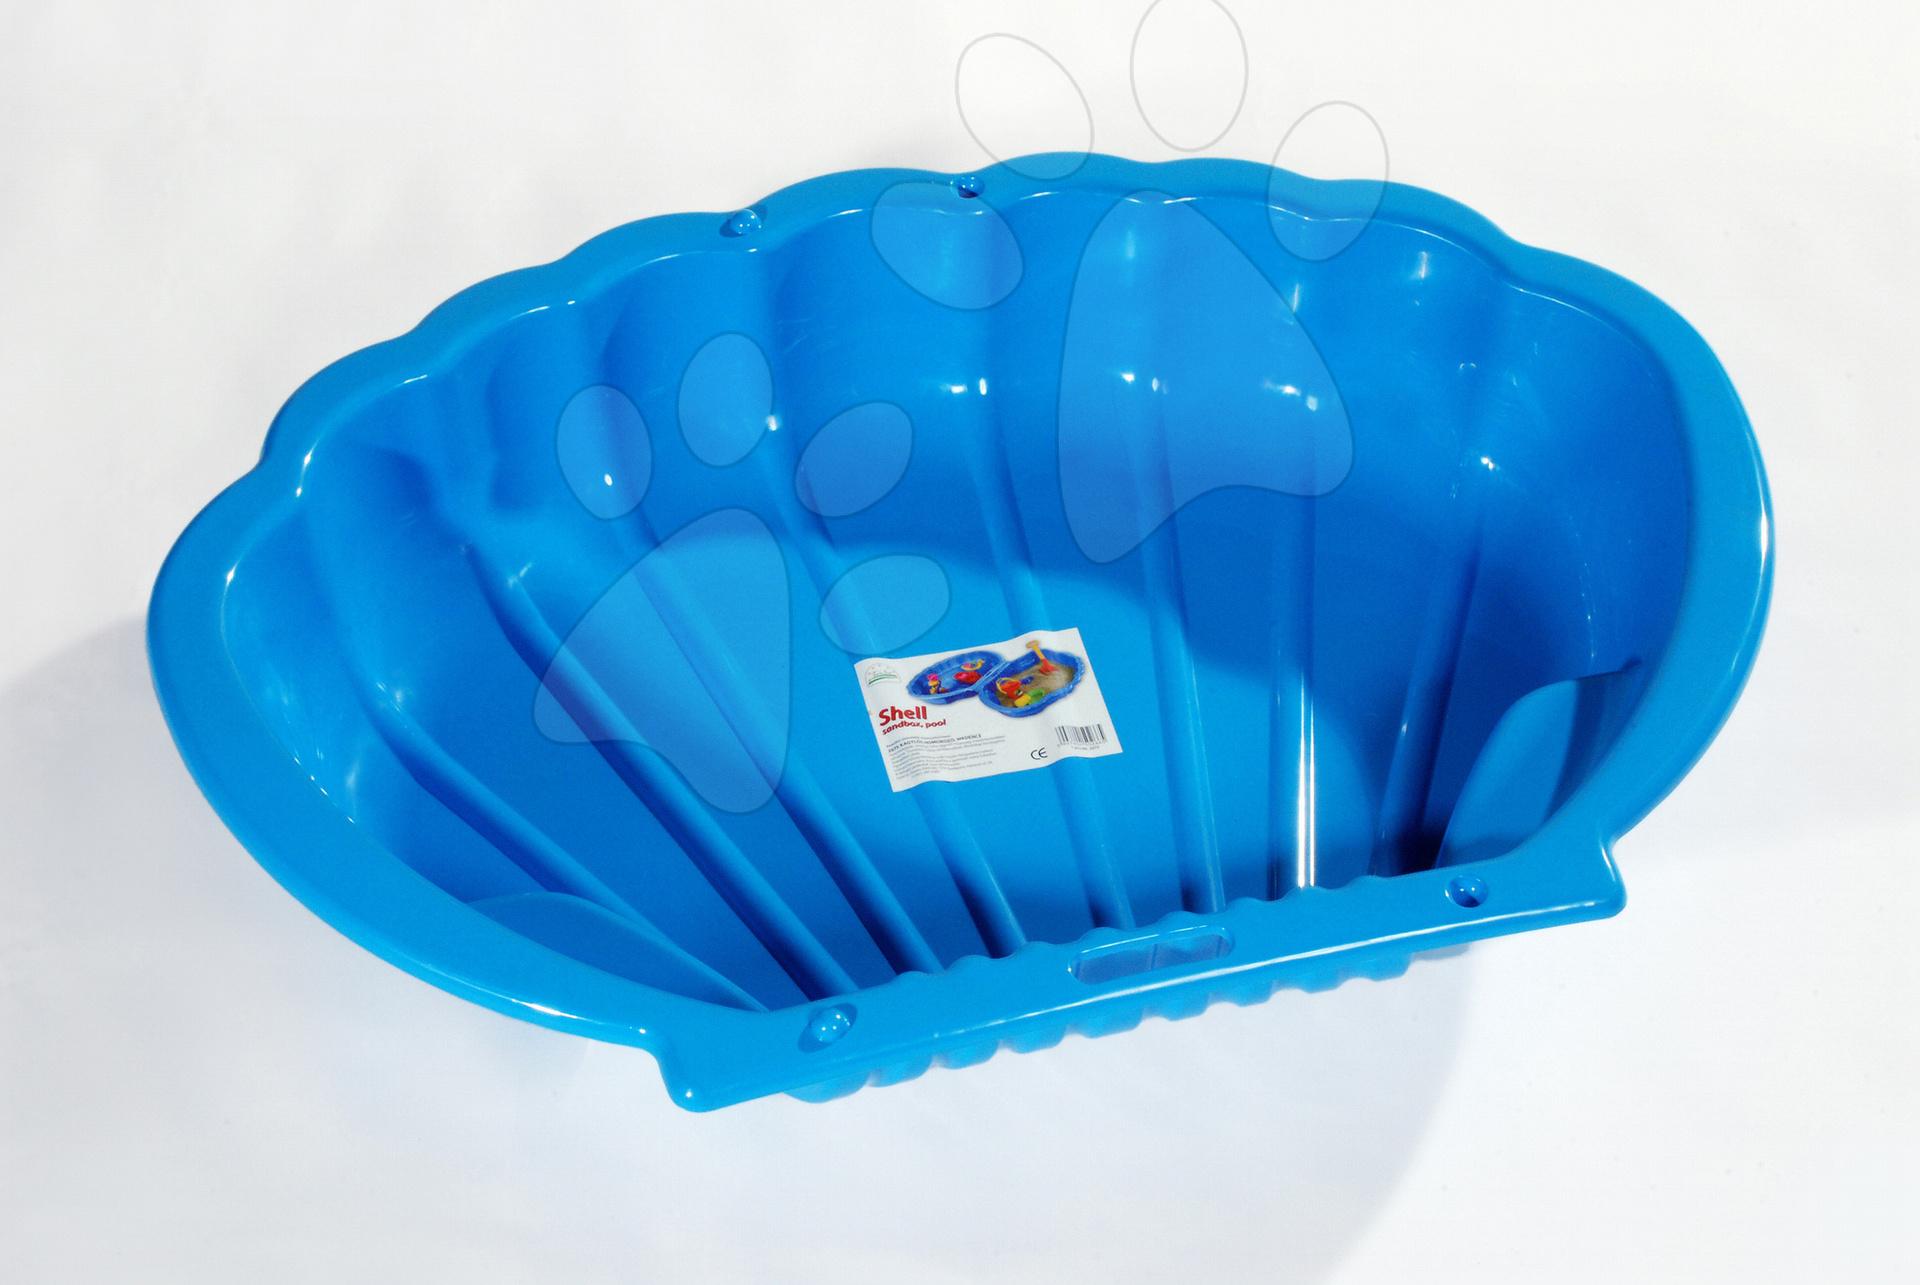 Pískoviště pro děti  - Pískoviště Mušle Dohány objem 112 litrů 109*78 cm modré od 24 měsíců